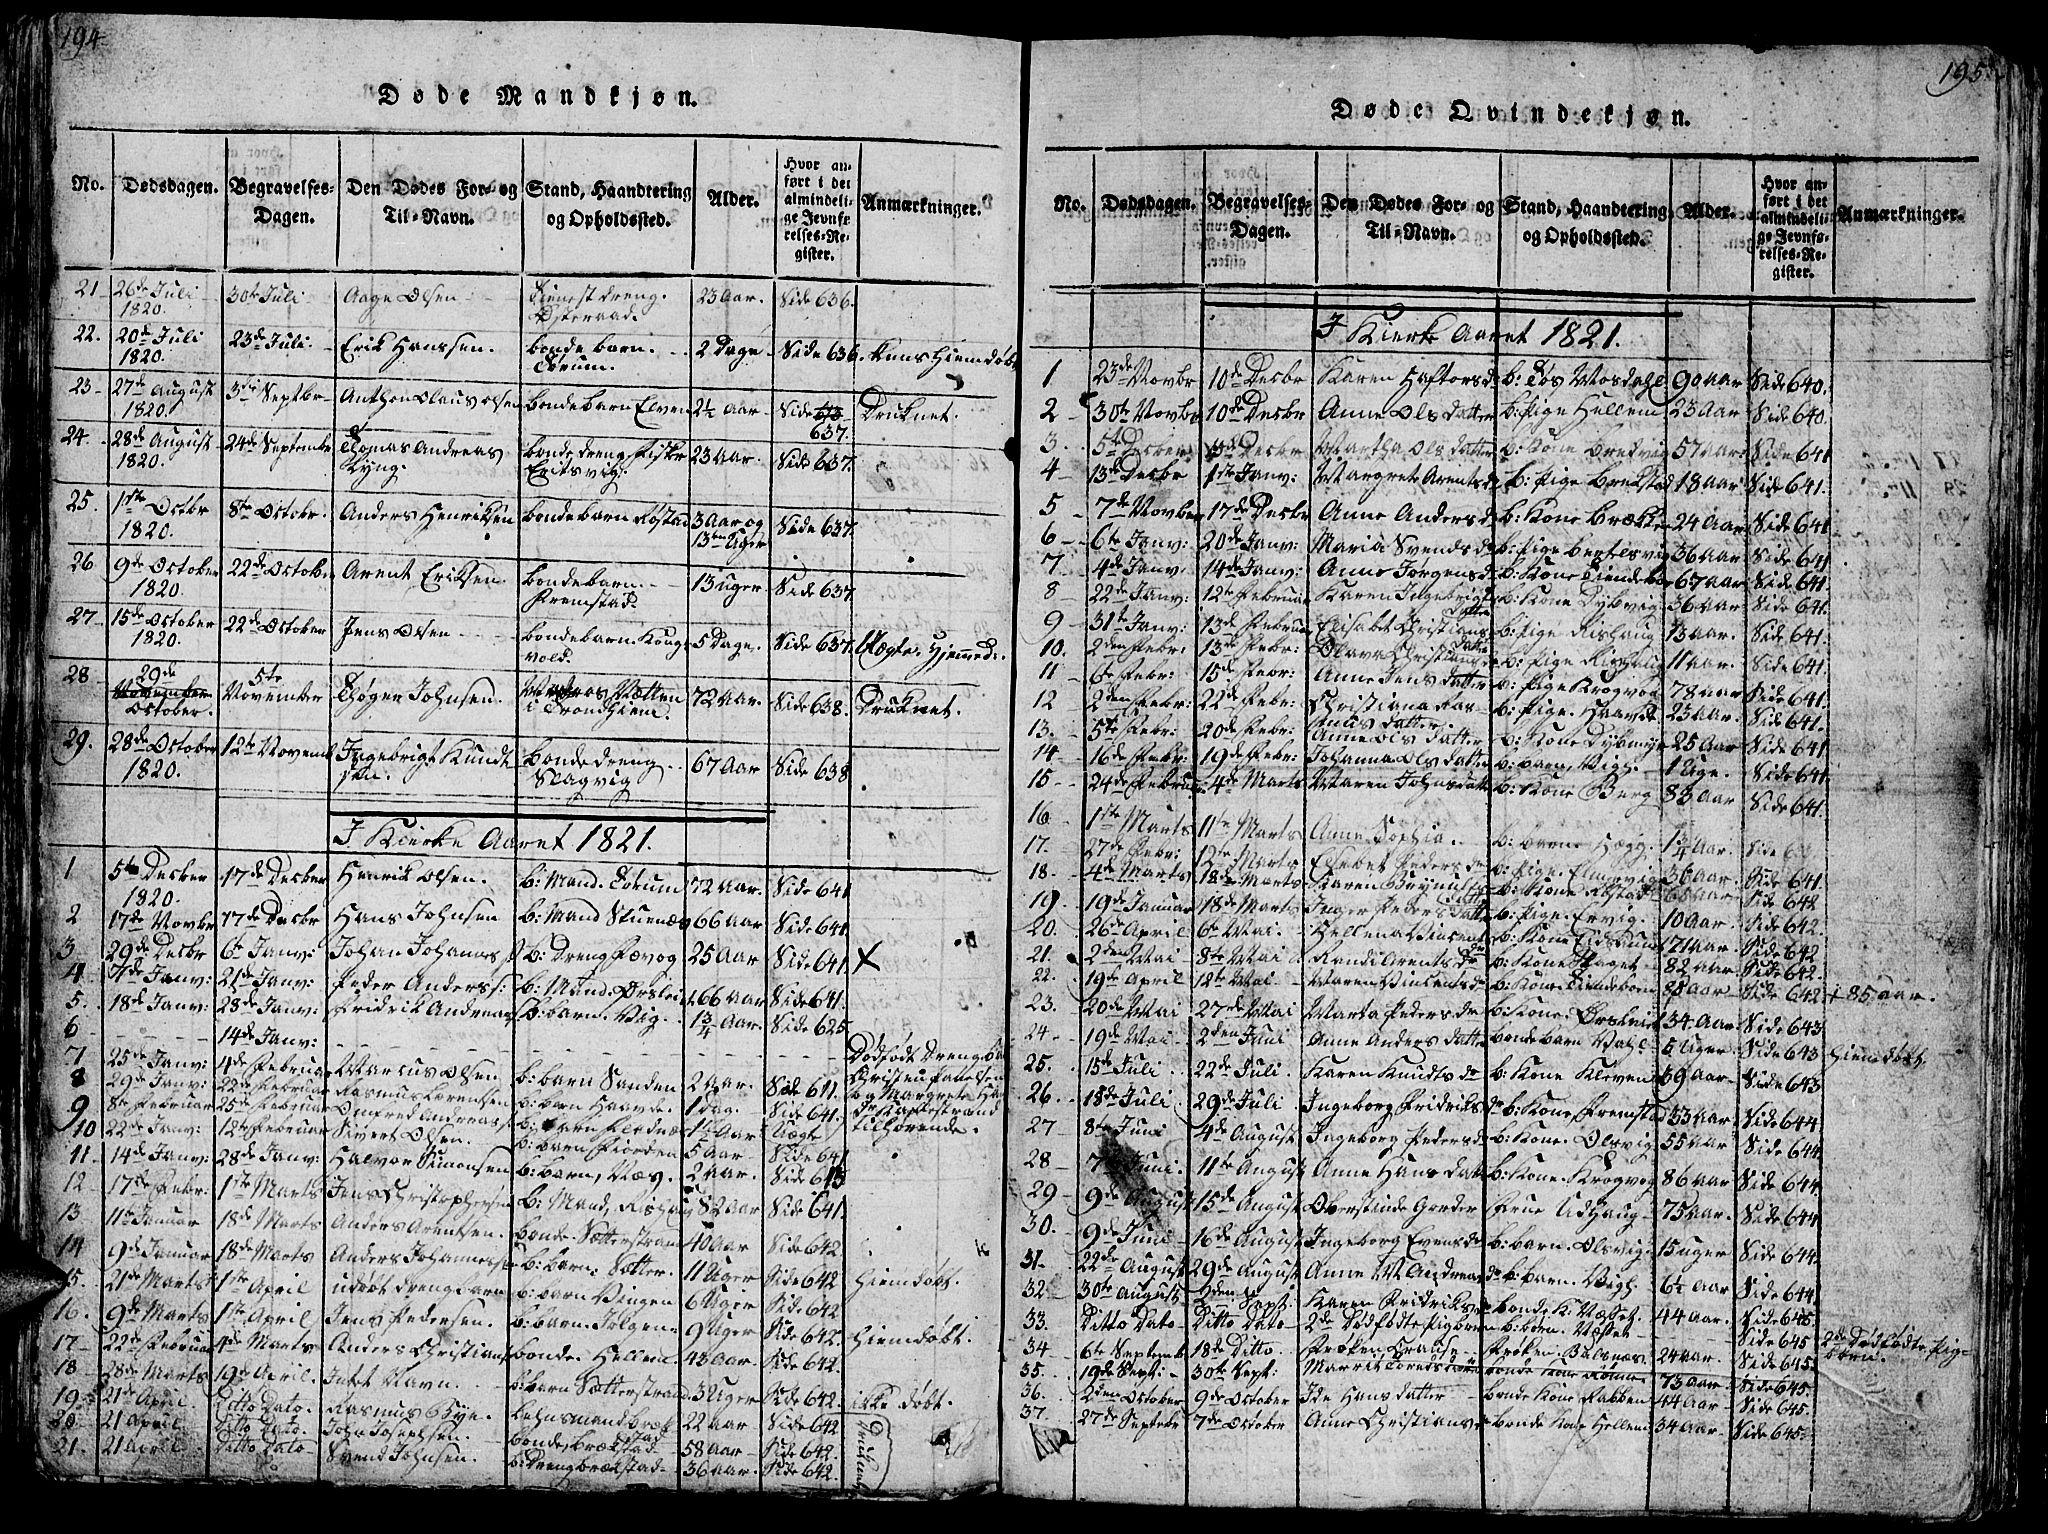 SAT, Ministerialprotokoller, klokkerbøker og fødselsregistre - Sør-Trøndelag, 659/L0744: Klokkerbok nr. 659C01, 1818-1825, s. 194-195